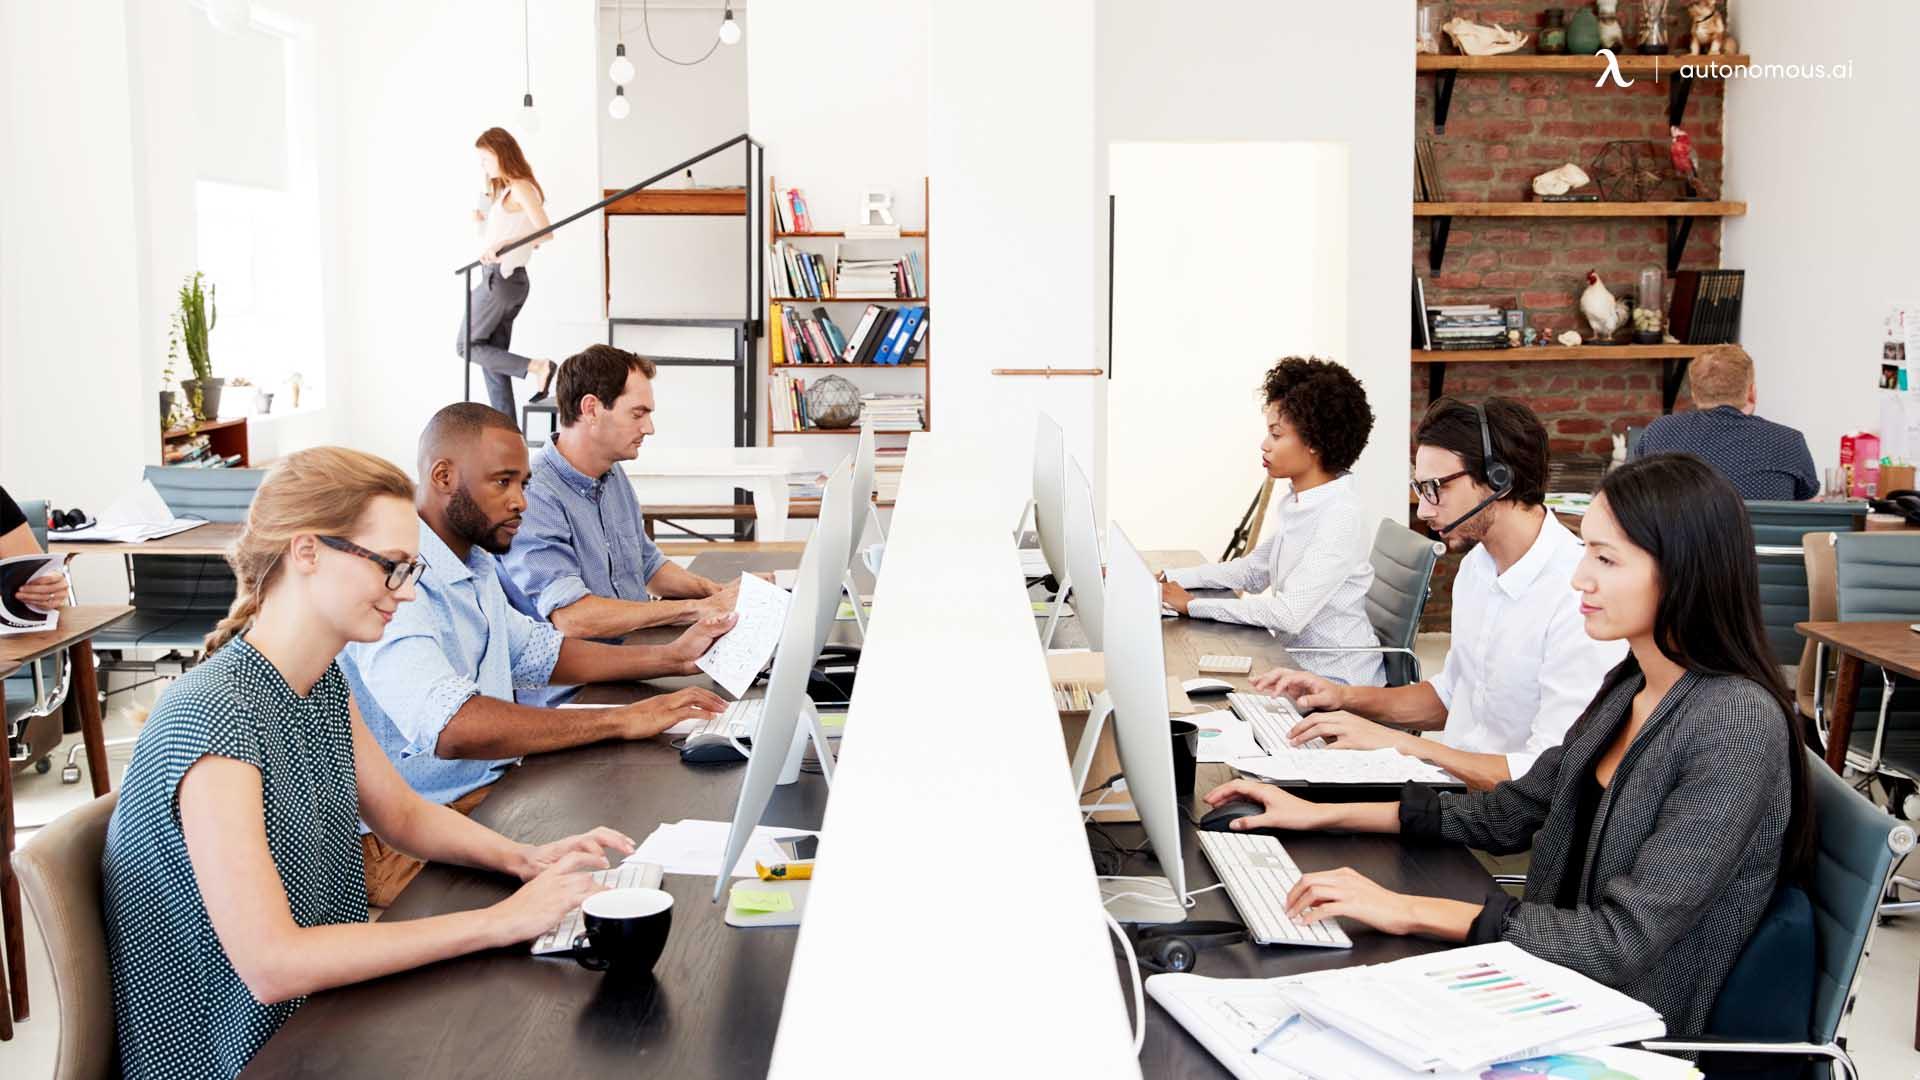 What is Hot Desking Etiquette?